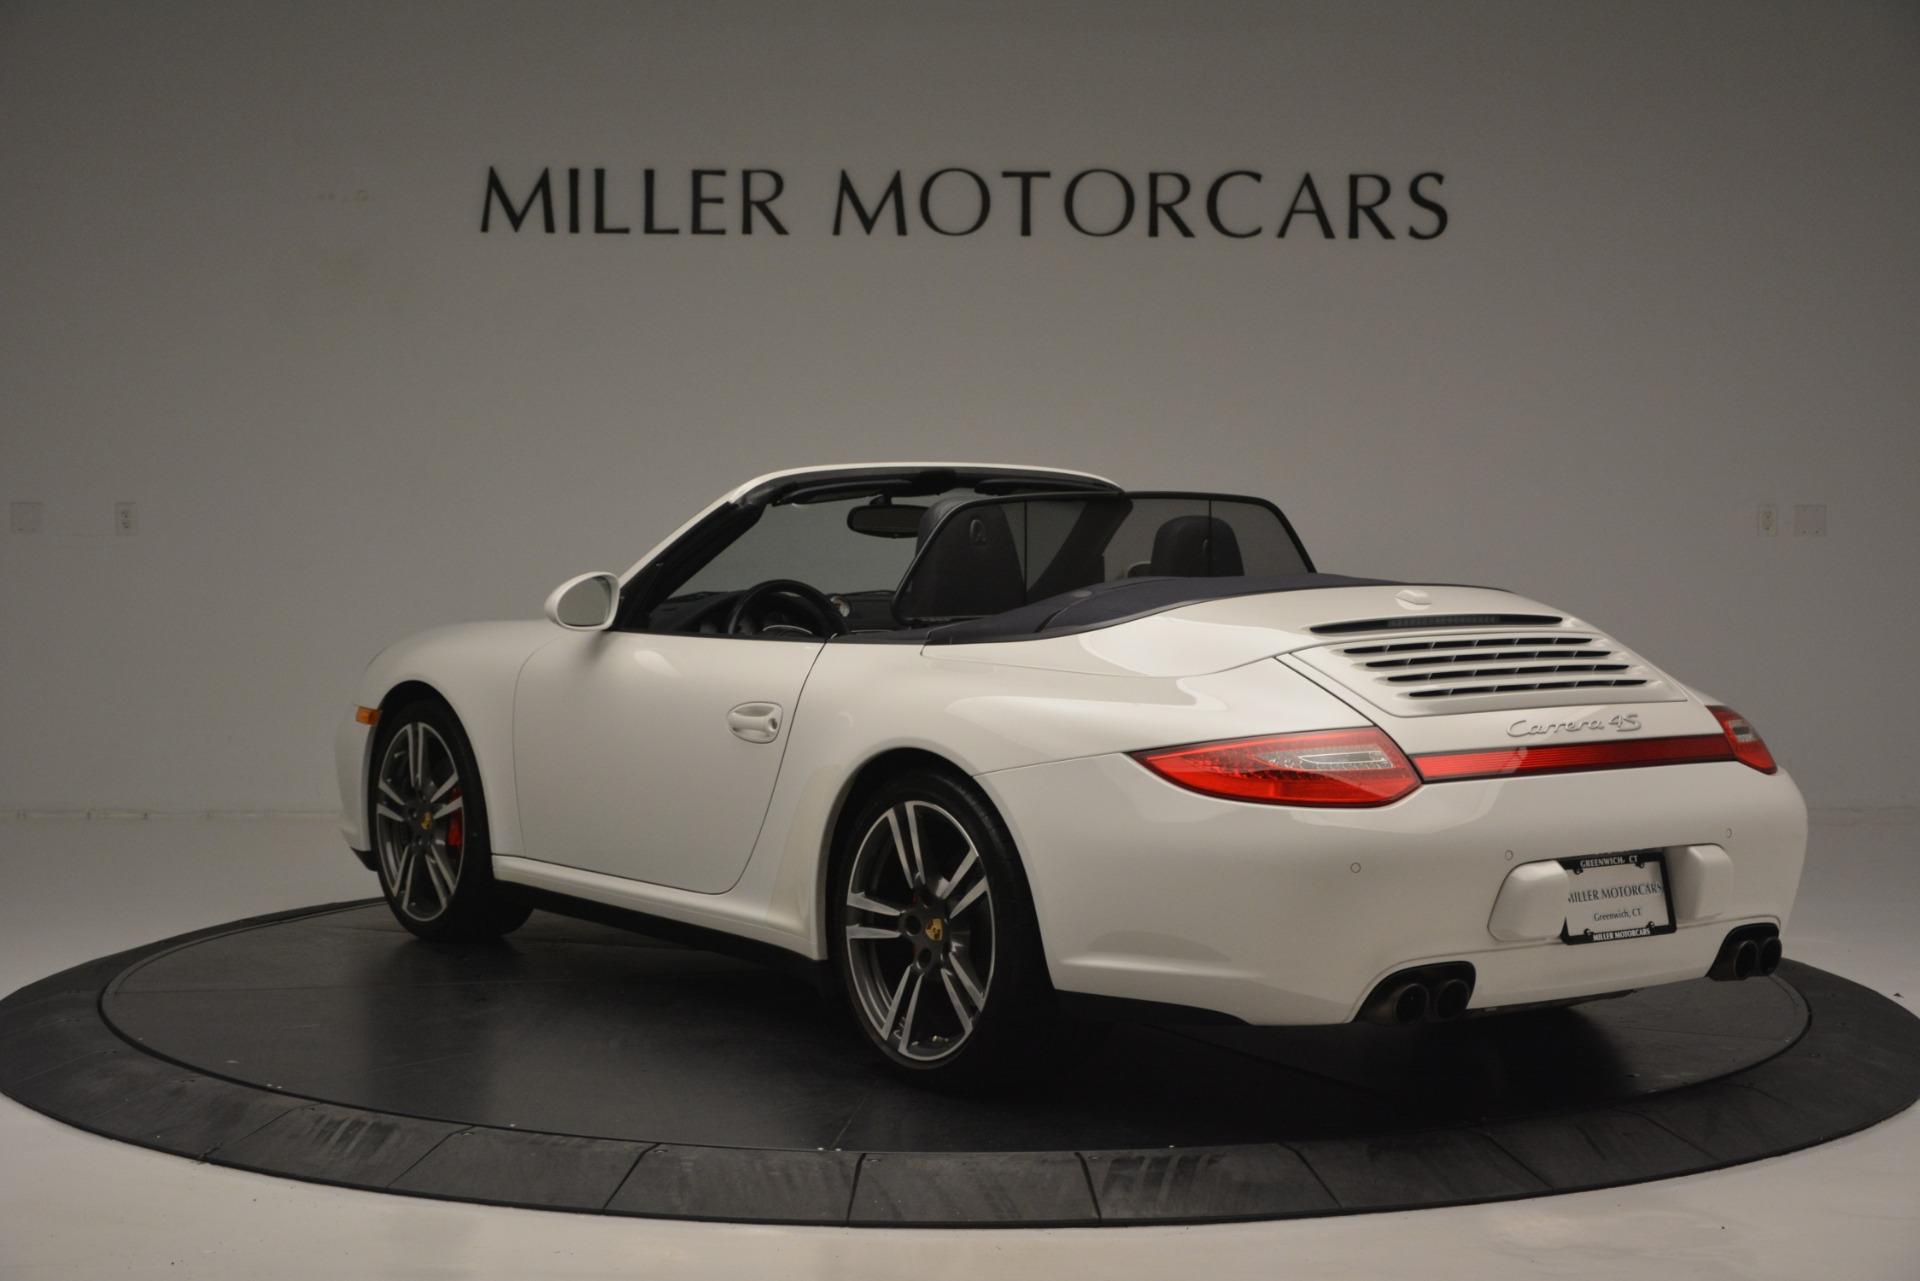 Used 2011 Porsche 911 Carrera 4S For Sale In Greenwich, CT 2600_p5